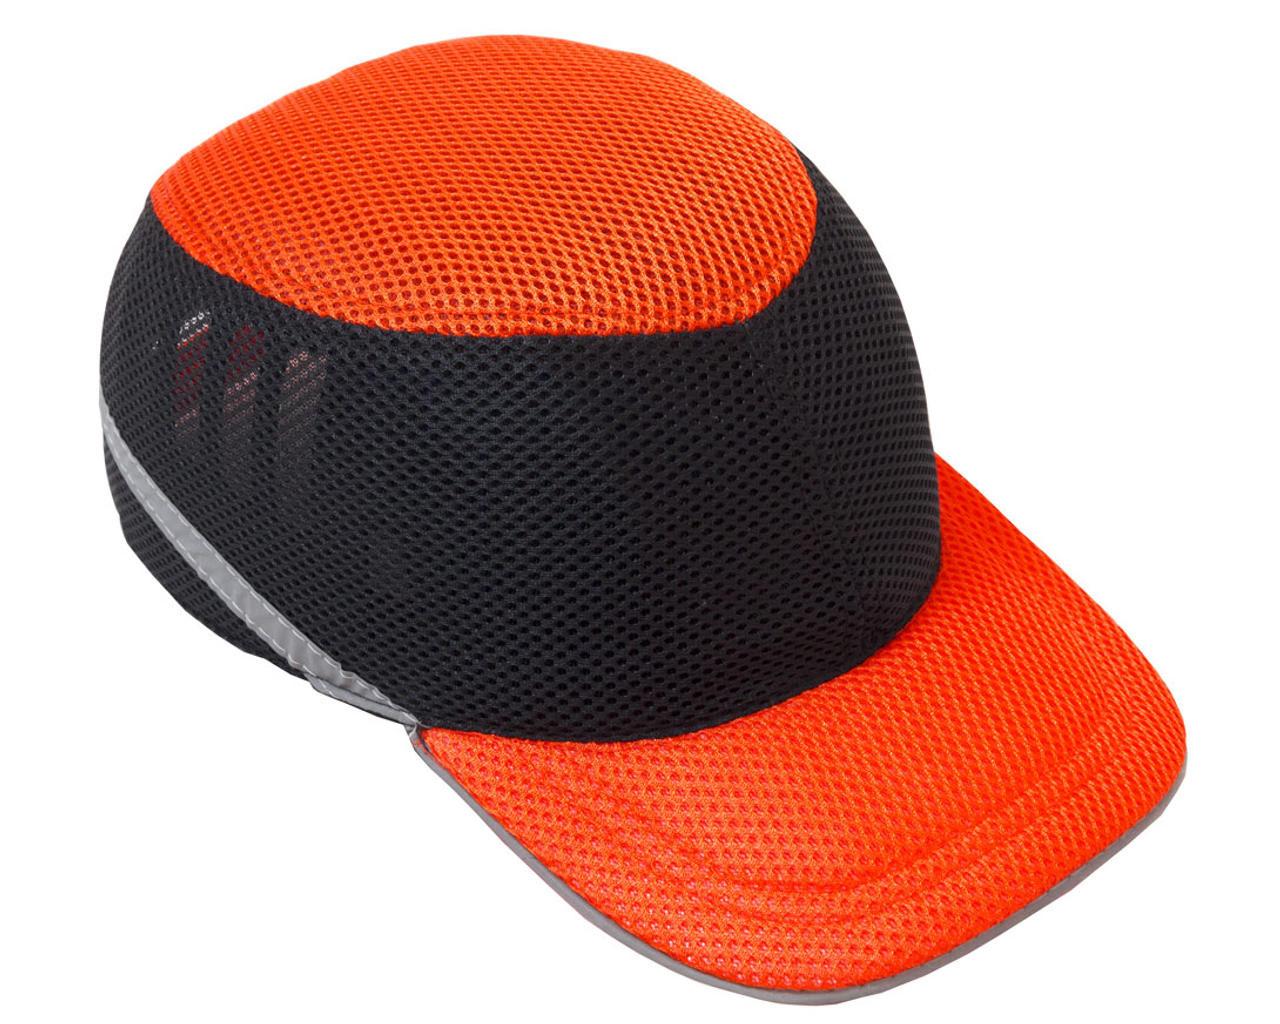 Каска-бейсболка ударопрочная со светоотражающей лентой (цвет оранжево-чёрная)